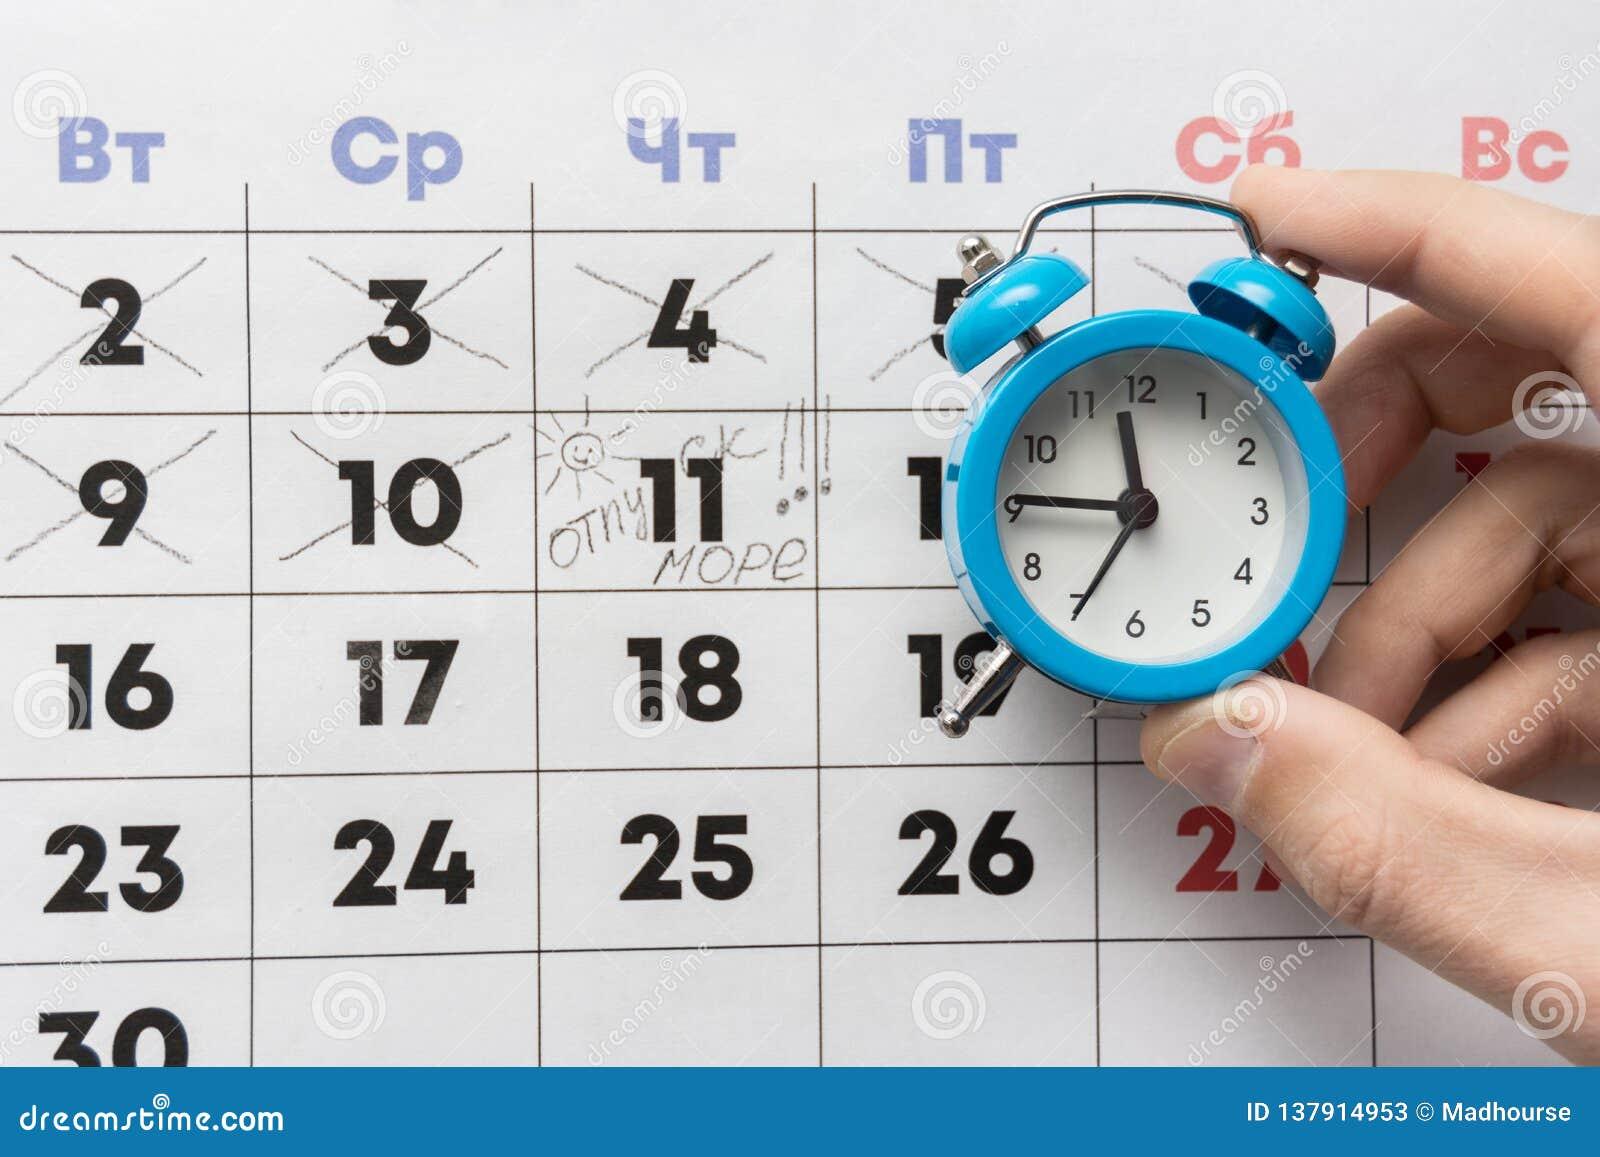 Uma mão guarda um despertador pequeno, no fundo está um calendário com o dia marcado e as férias da palavra